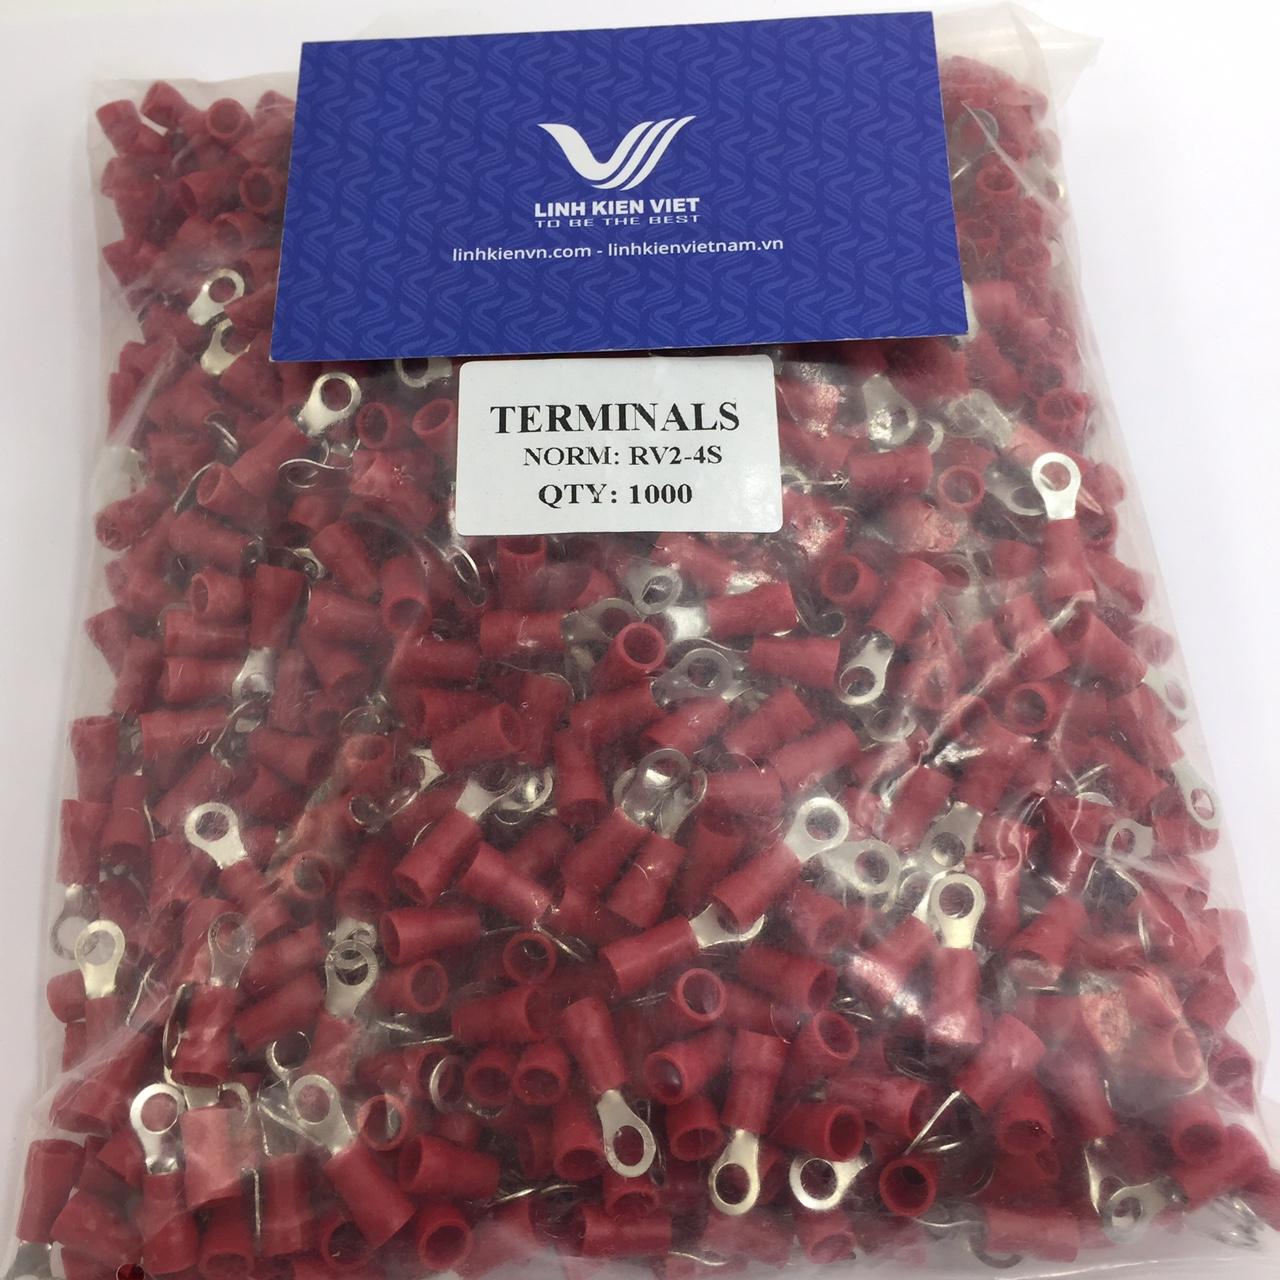 Đầu CỐT tròn RV2-4S Màu đỏ - túi 1000 cái - S2H6